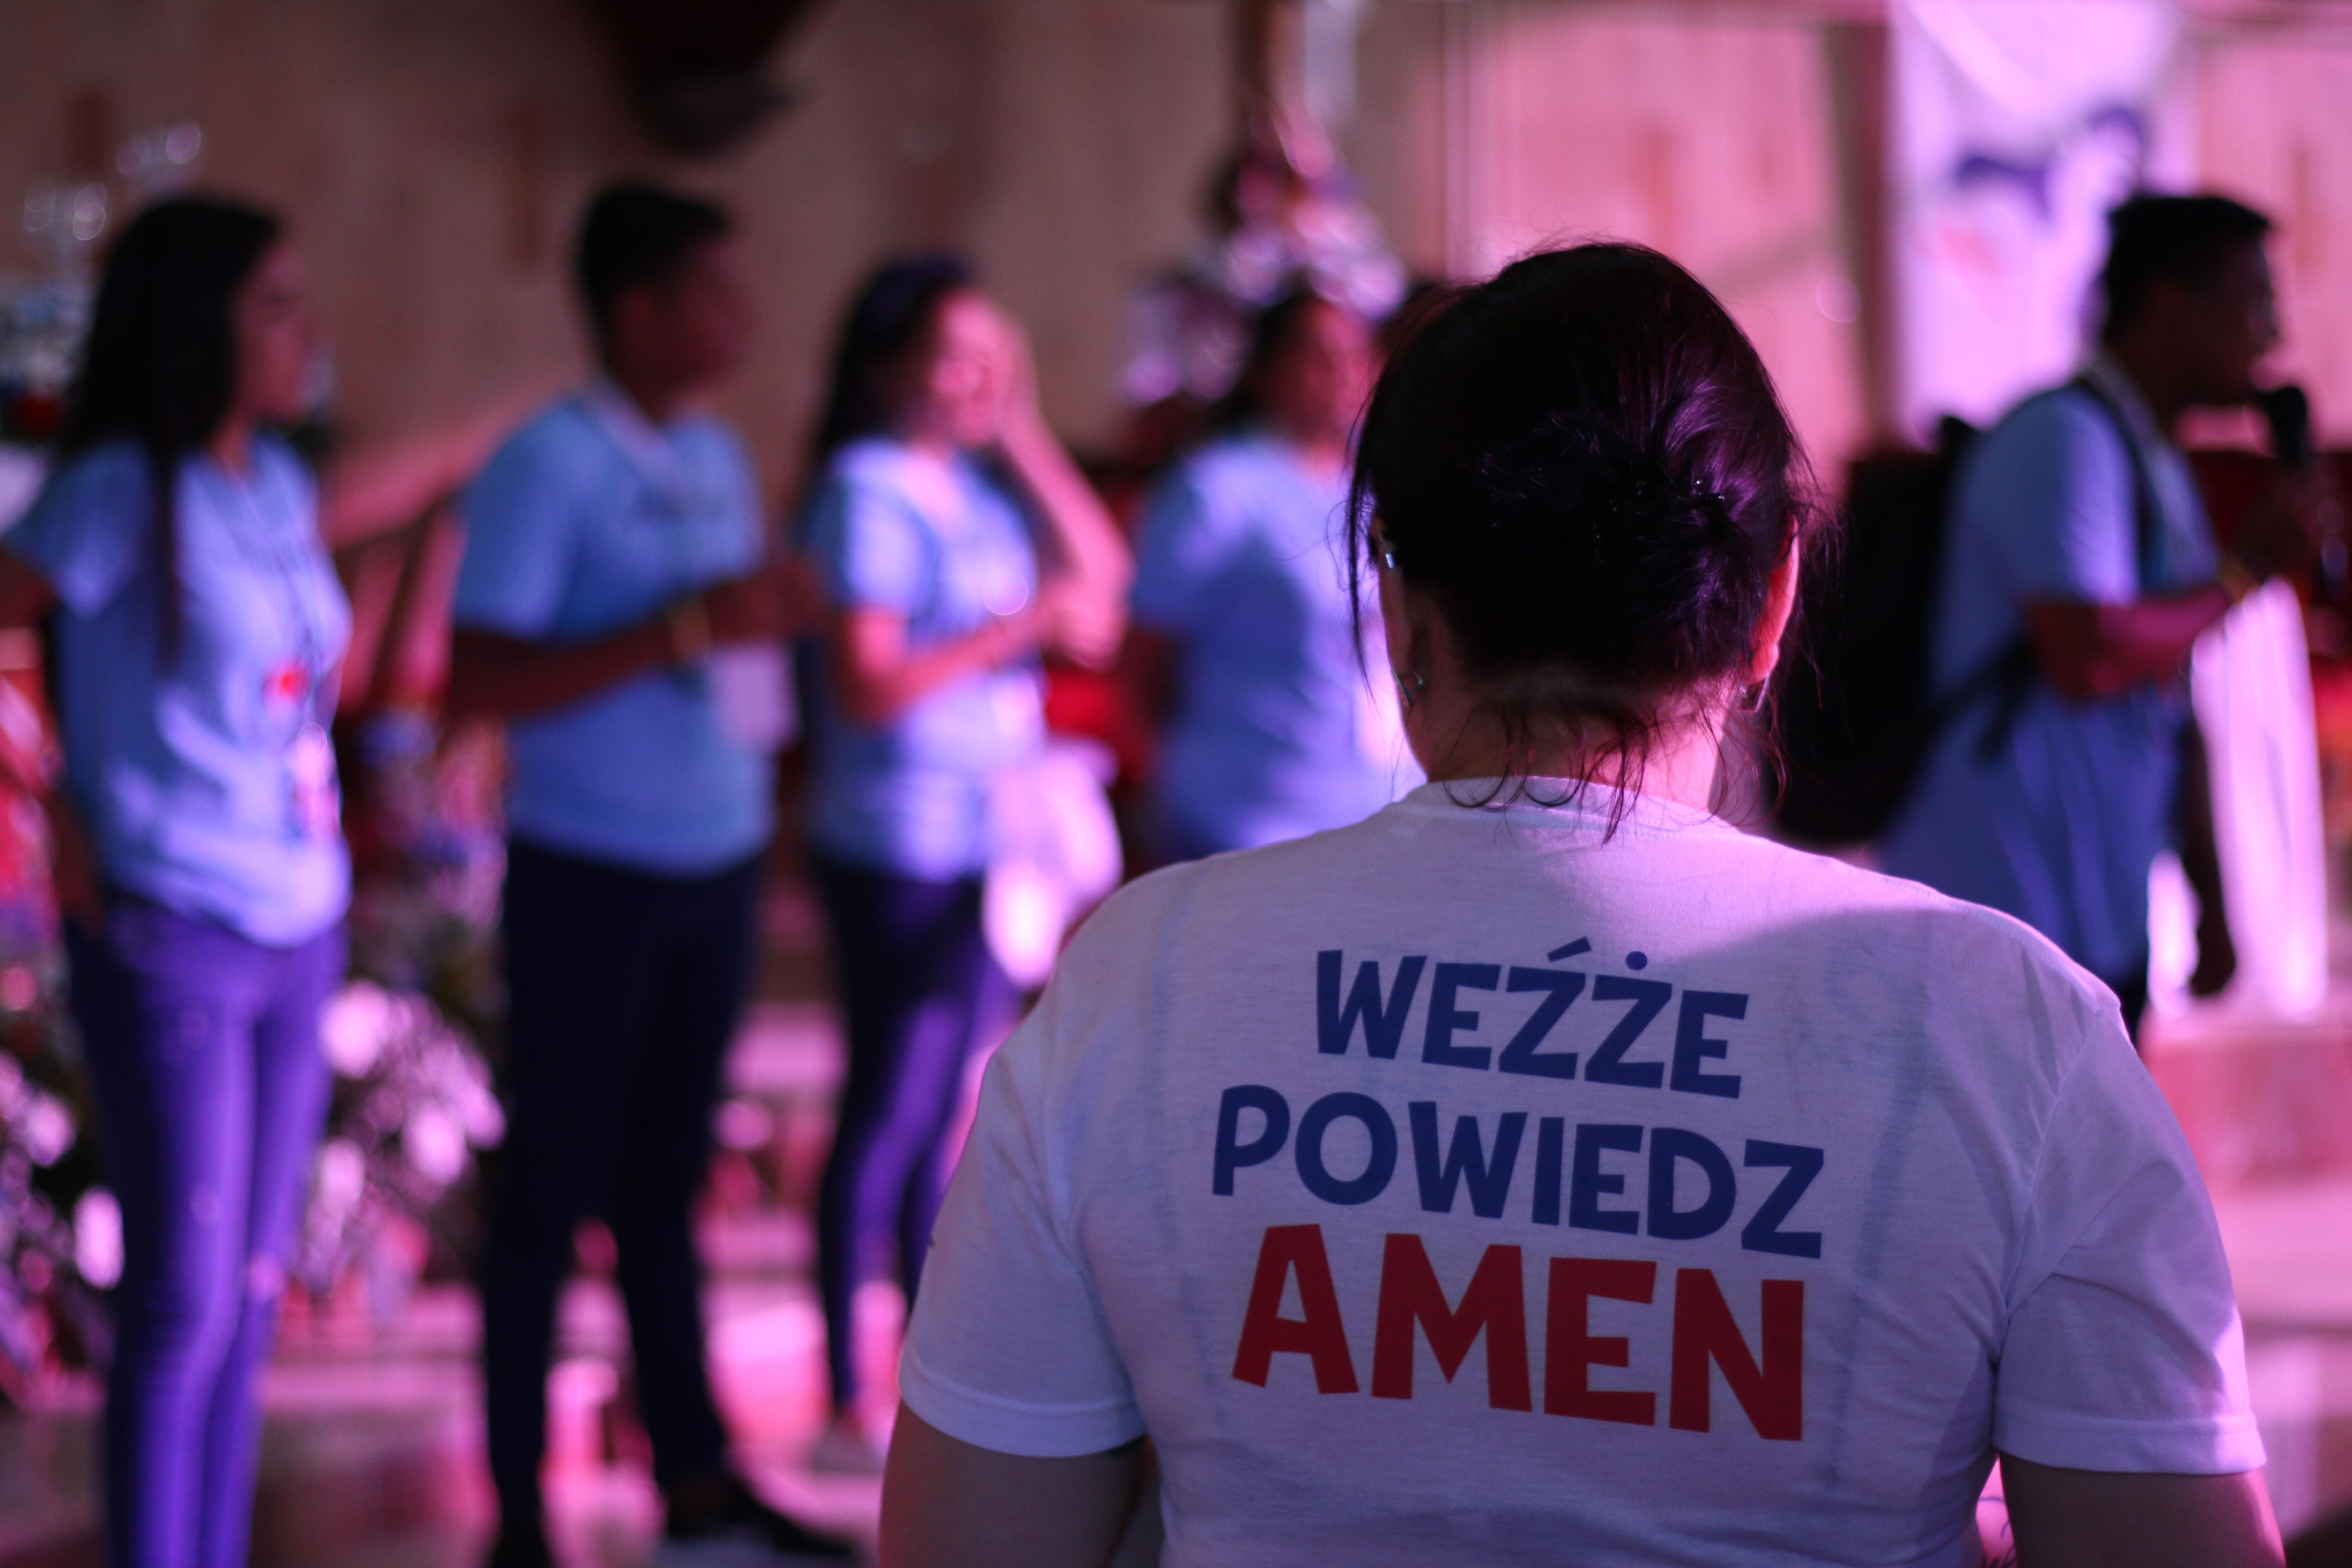 Atmosfera rodzinnego ciepła i otwartości – relacja z drugiego dnia pobytu młodzieży archidiecezji krakowskiej w Panamie